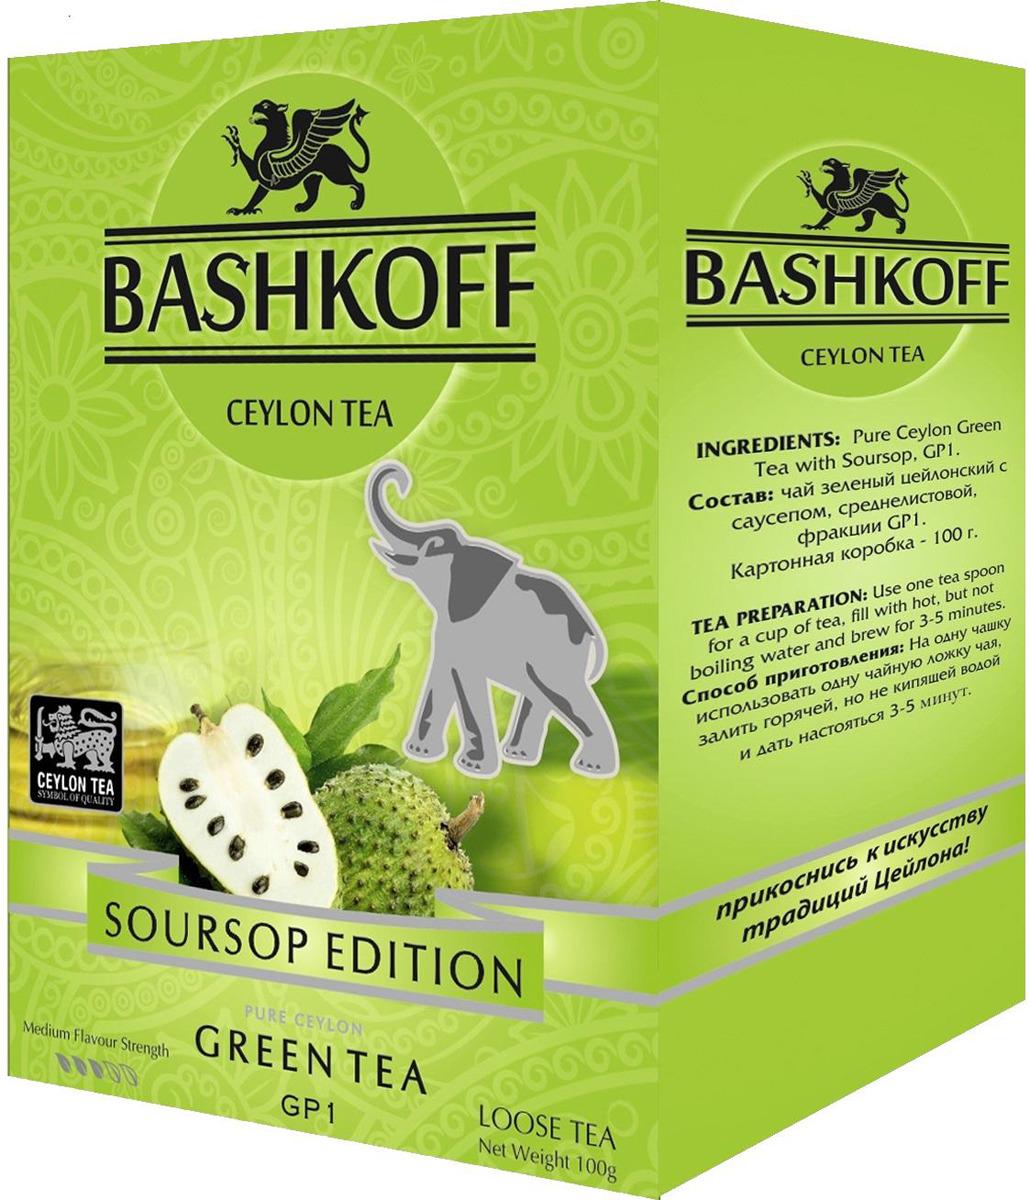 Bashkoff Soursop edition